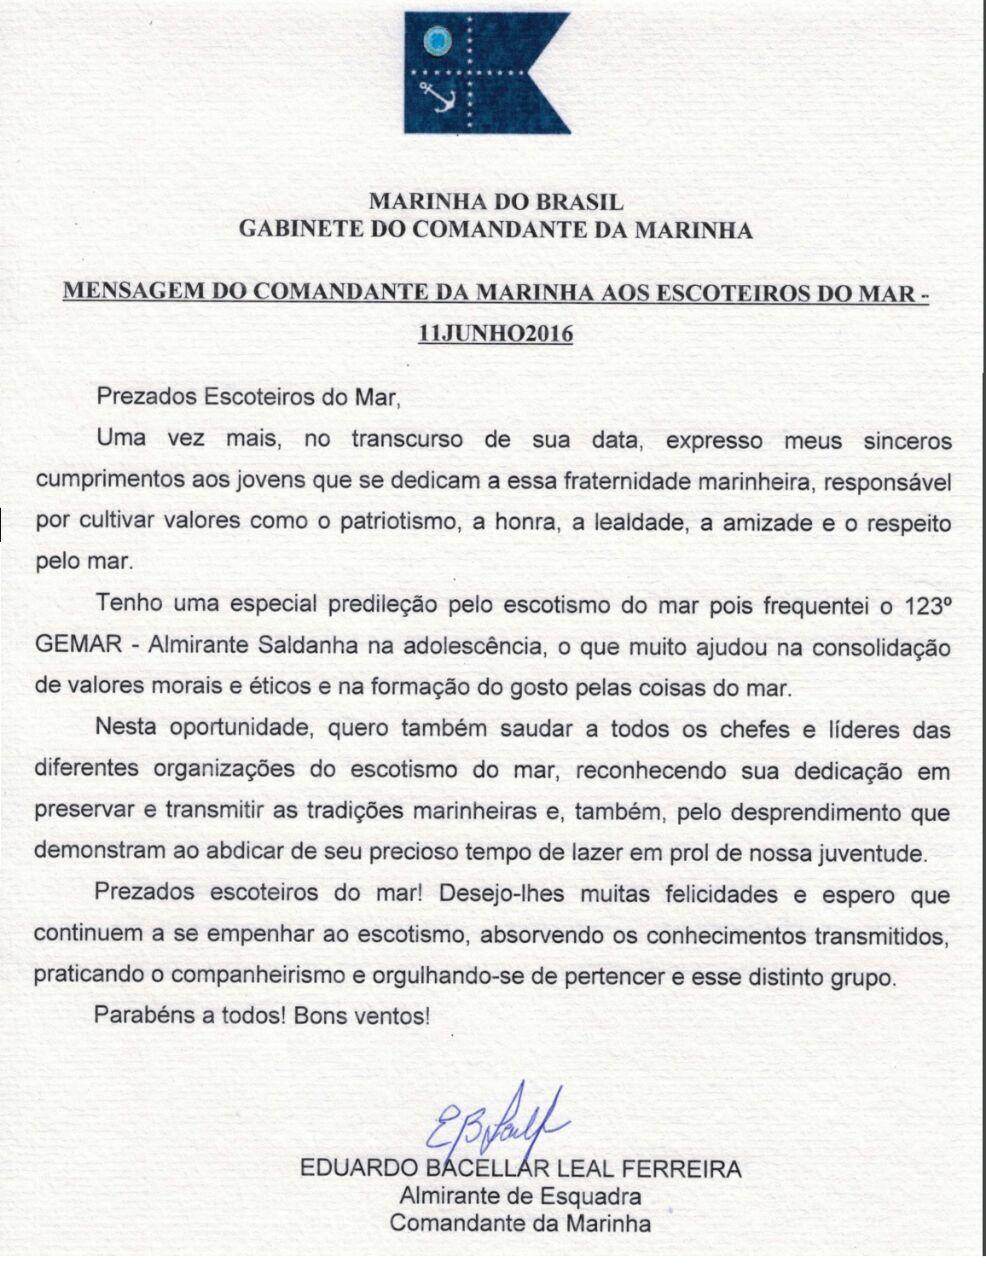 Carta do Comandante da Marinha do Brasil